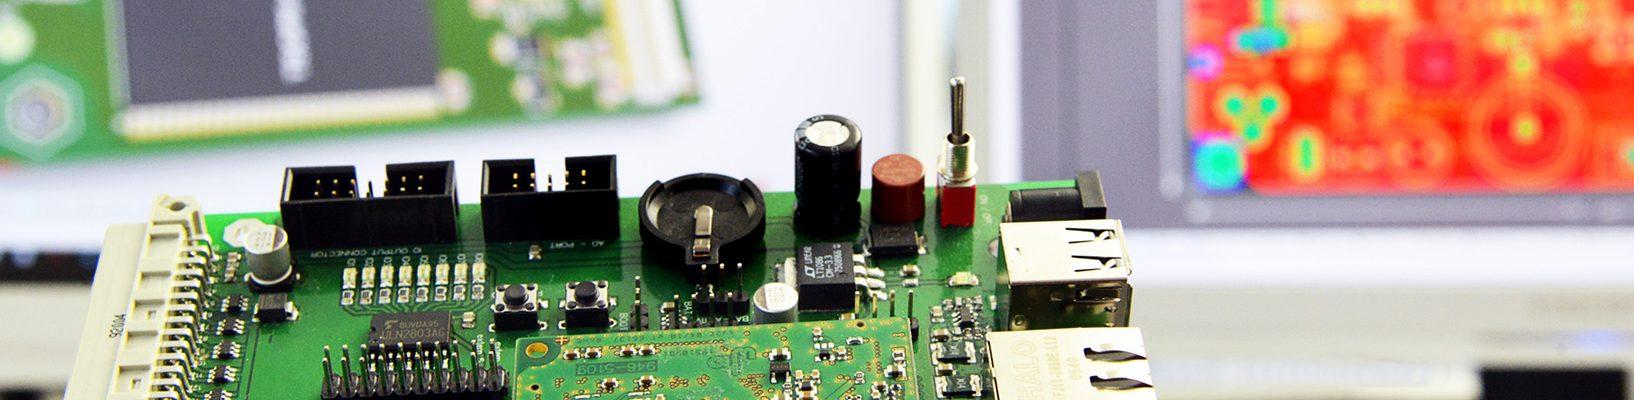 Hardware-Entwicklung - Firmware-Entwicklung - Software-Entwicklung